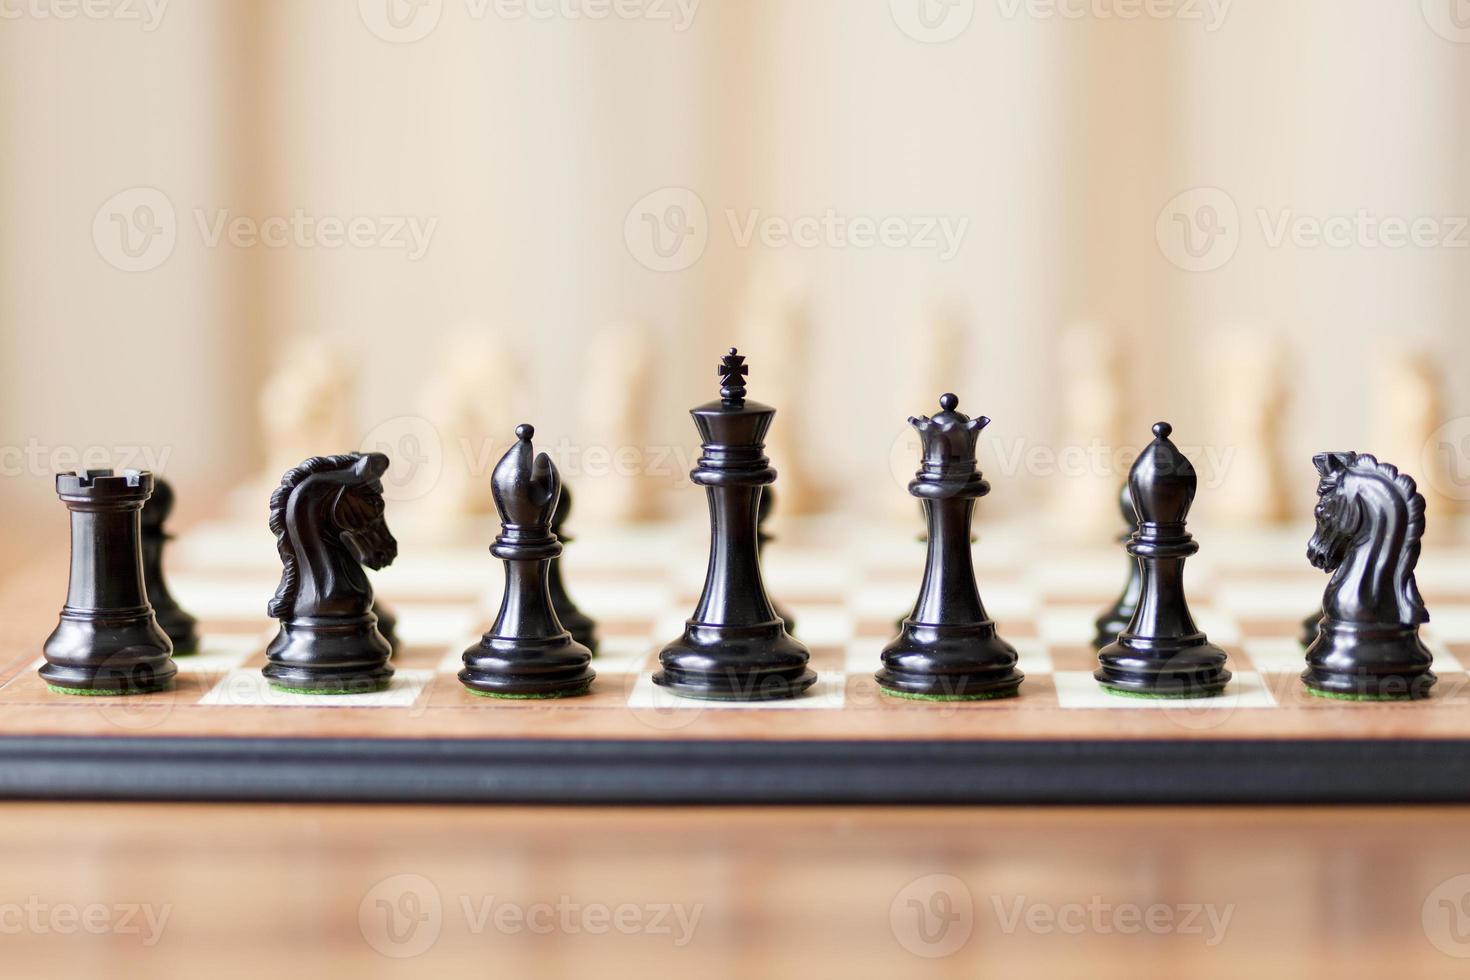 Schachfiguren auf Schachbrett gesetzt foto